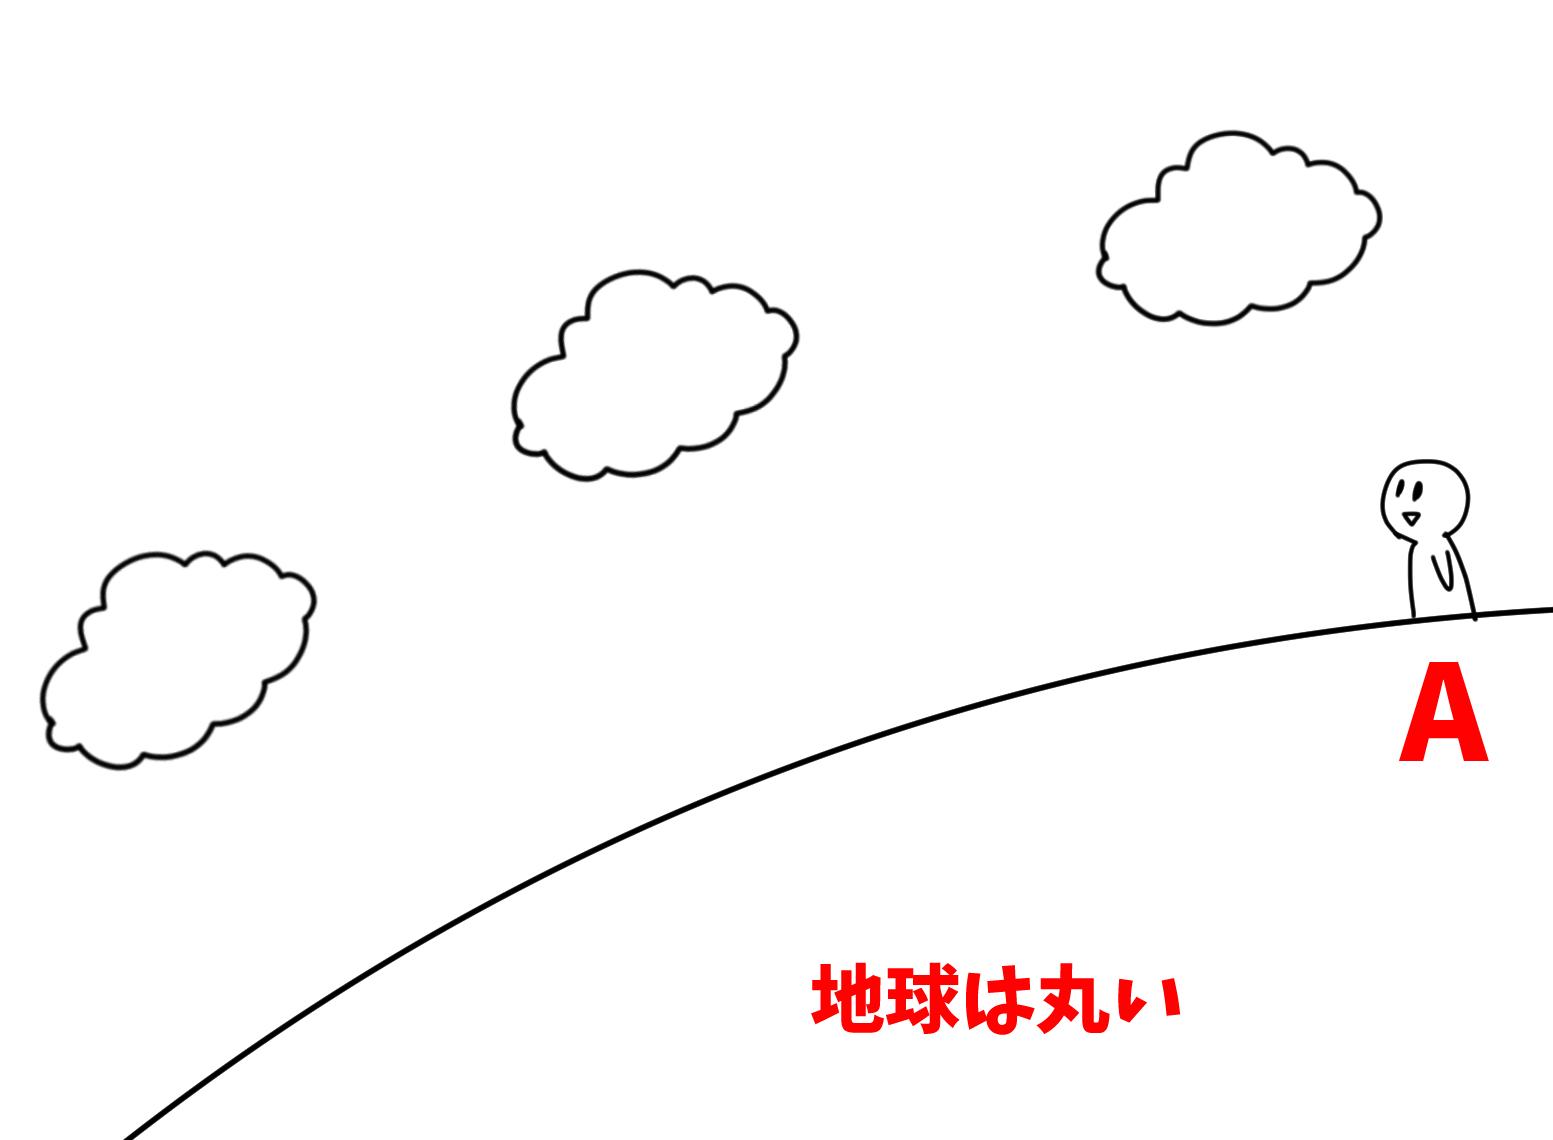 空の描き方 雲のイラスト 夏の空